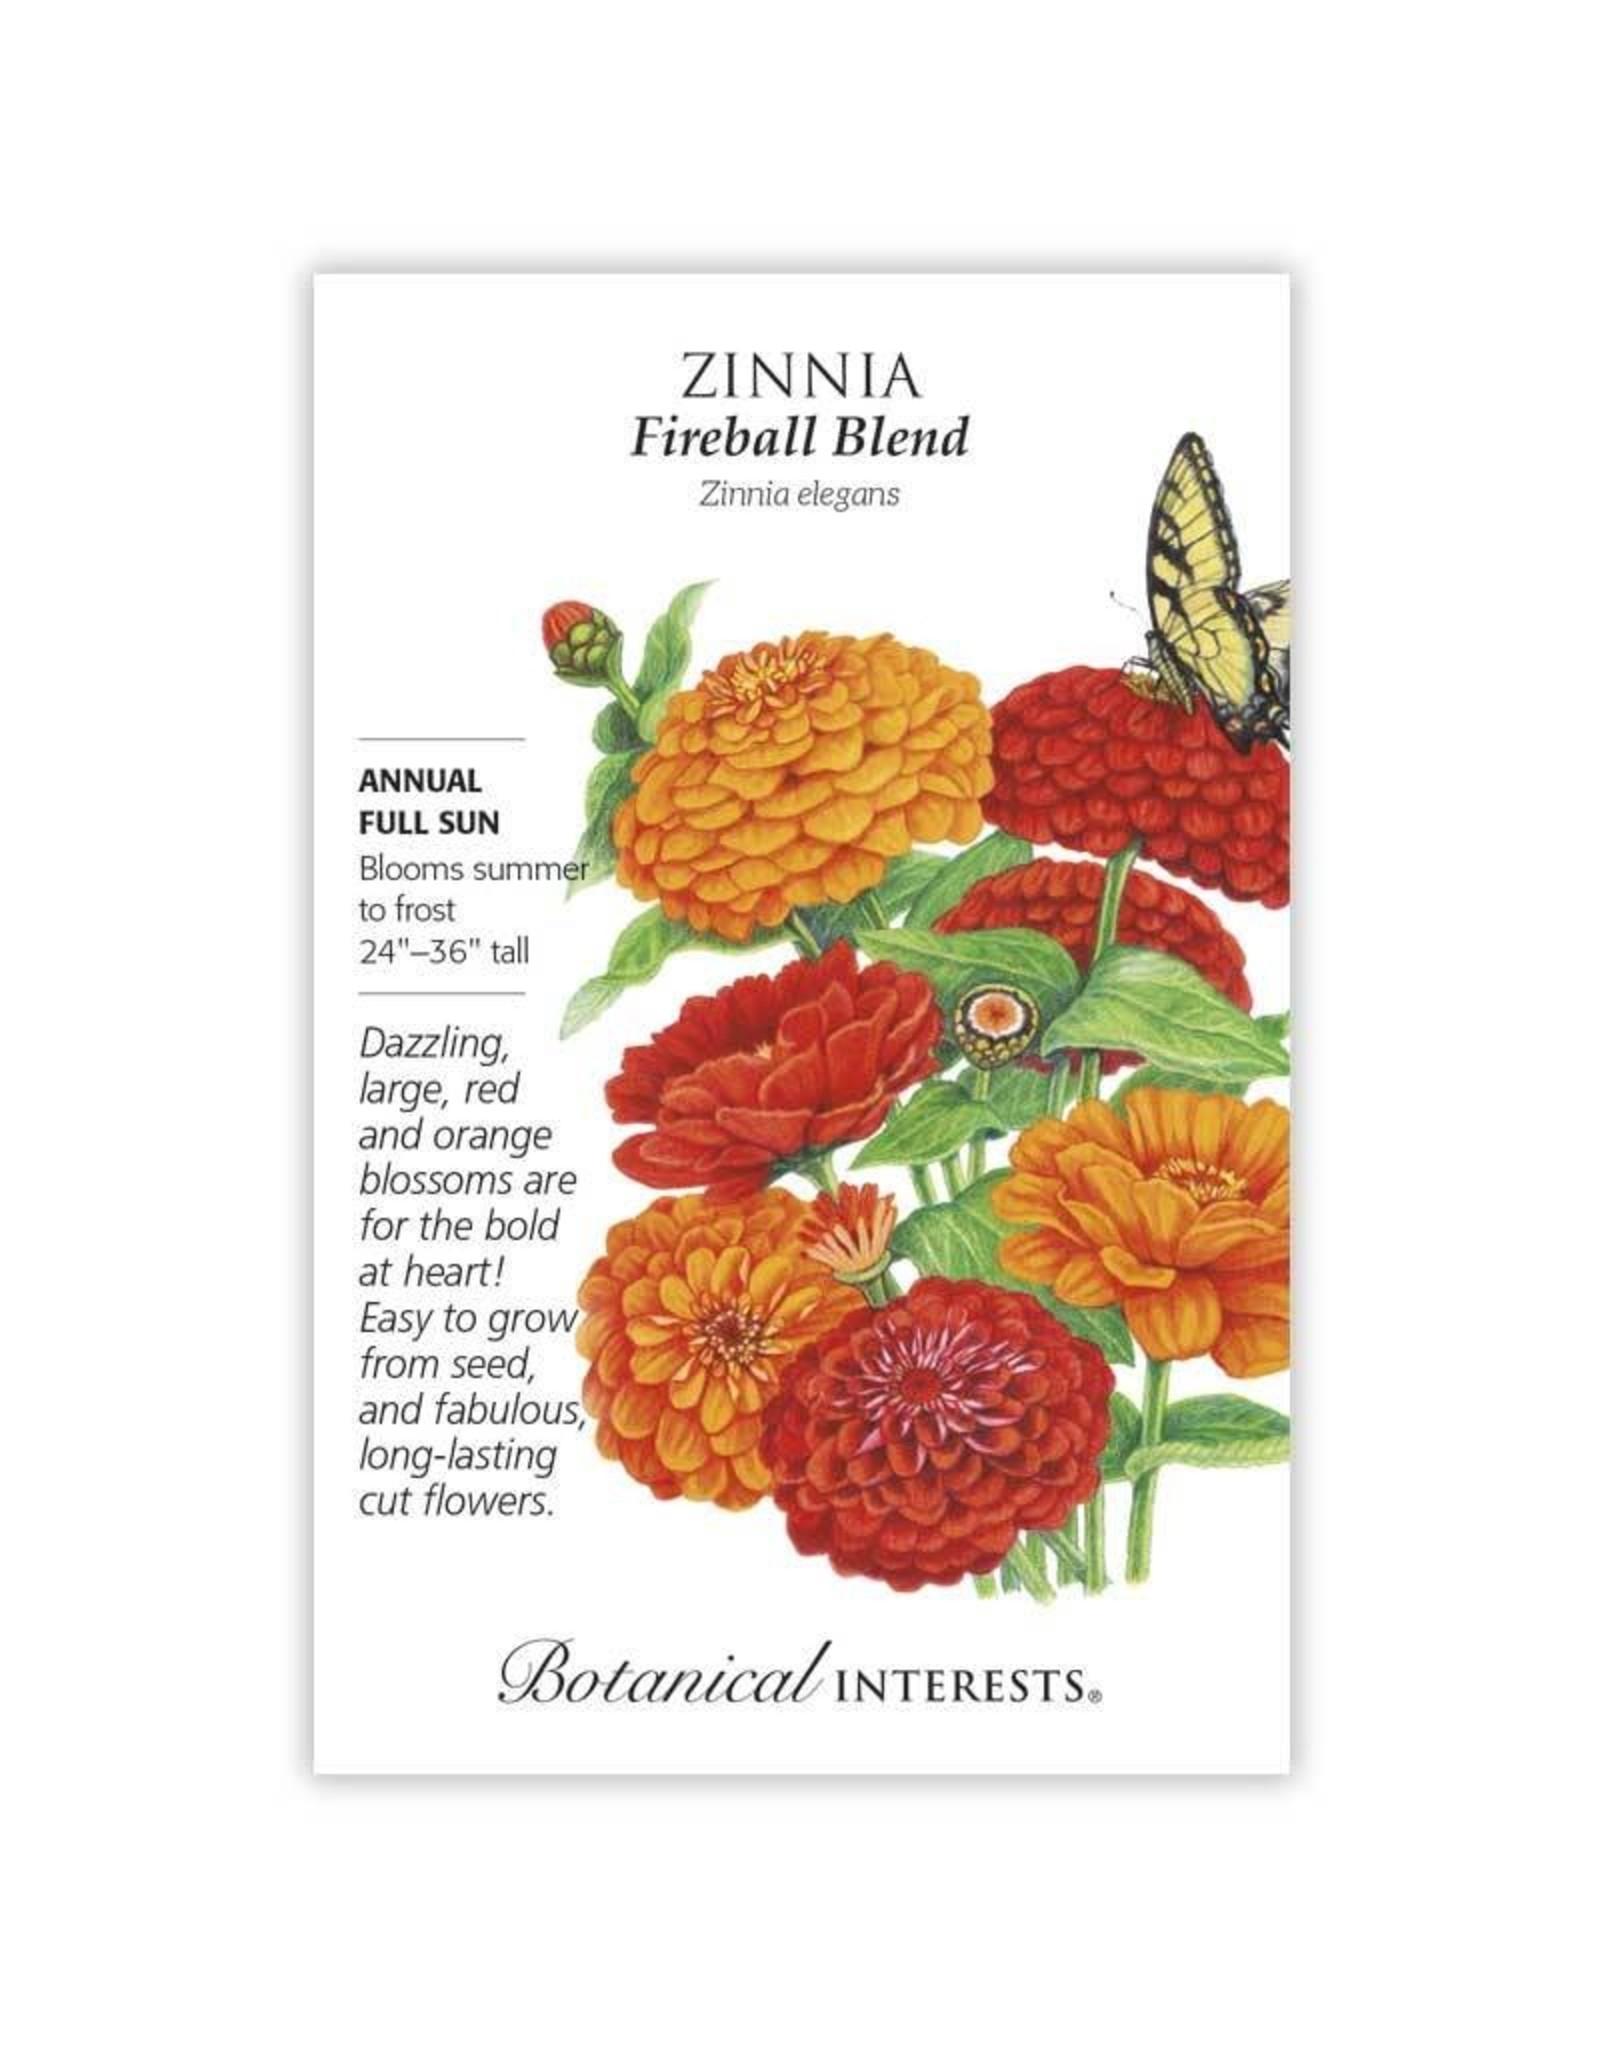 Seeds - Zinnia Fireball Blend